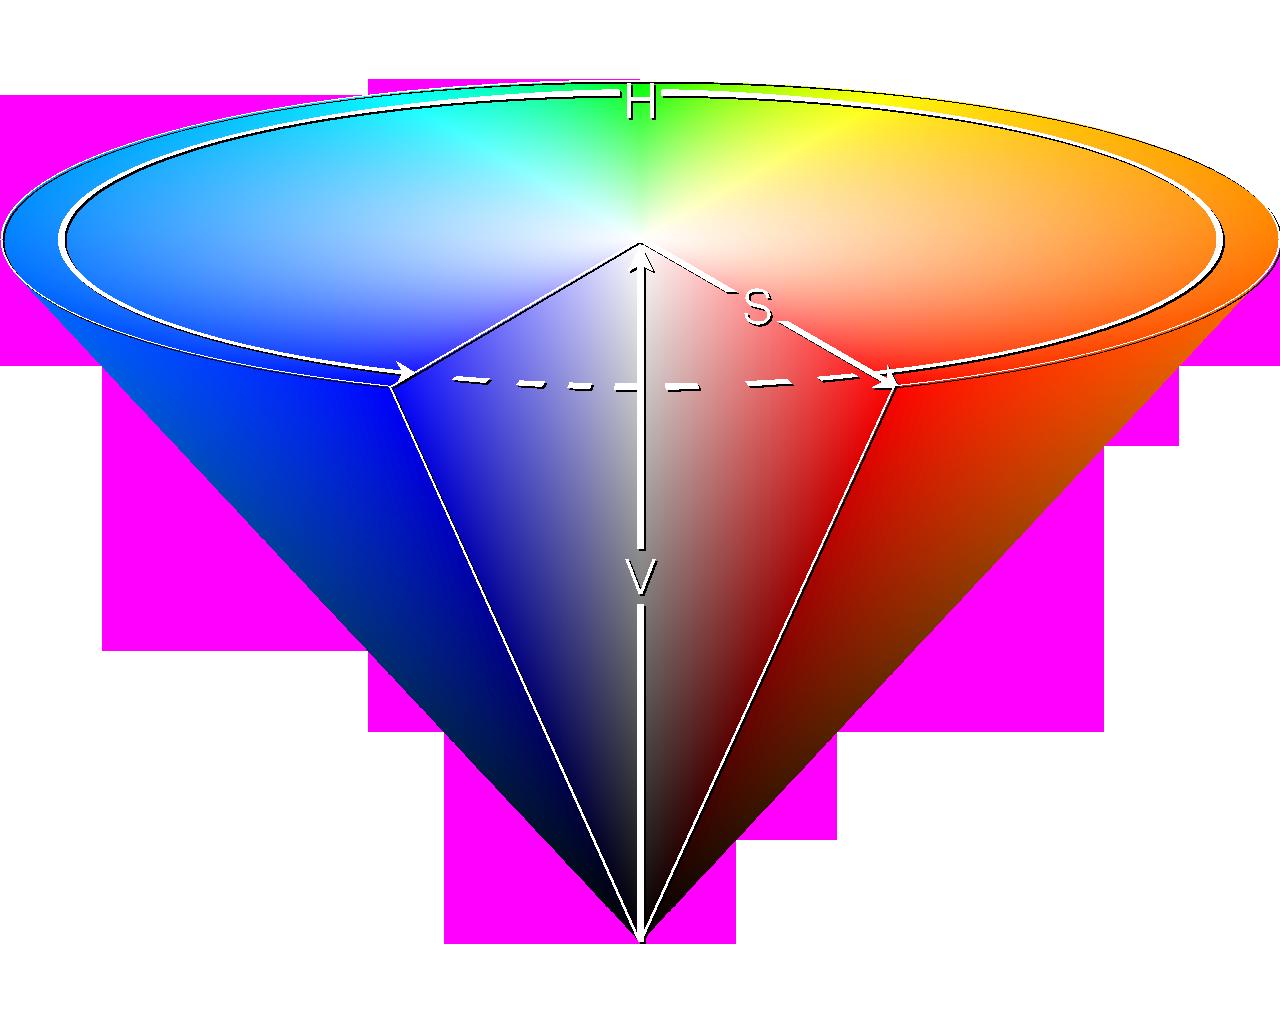 The HSV color space: h = Hue, s = Saturation, V = Value(Lightness)